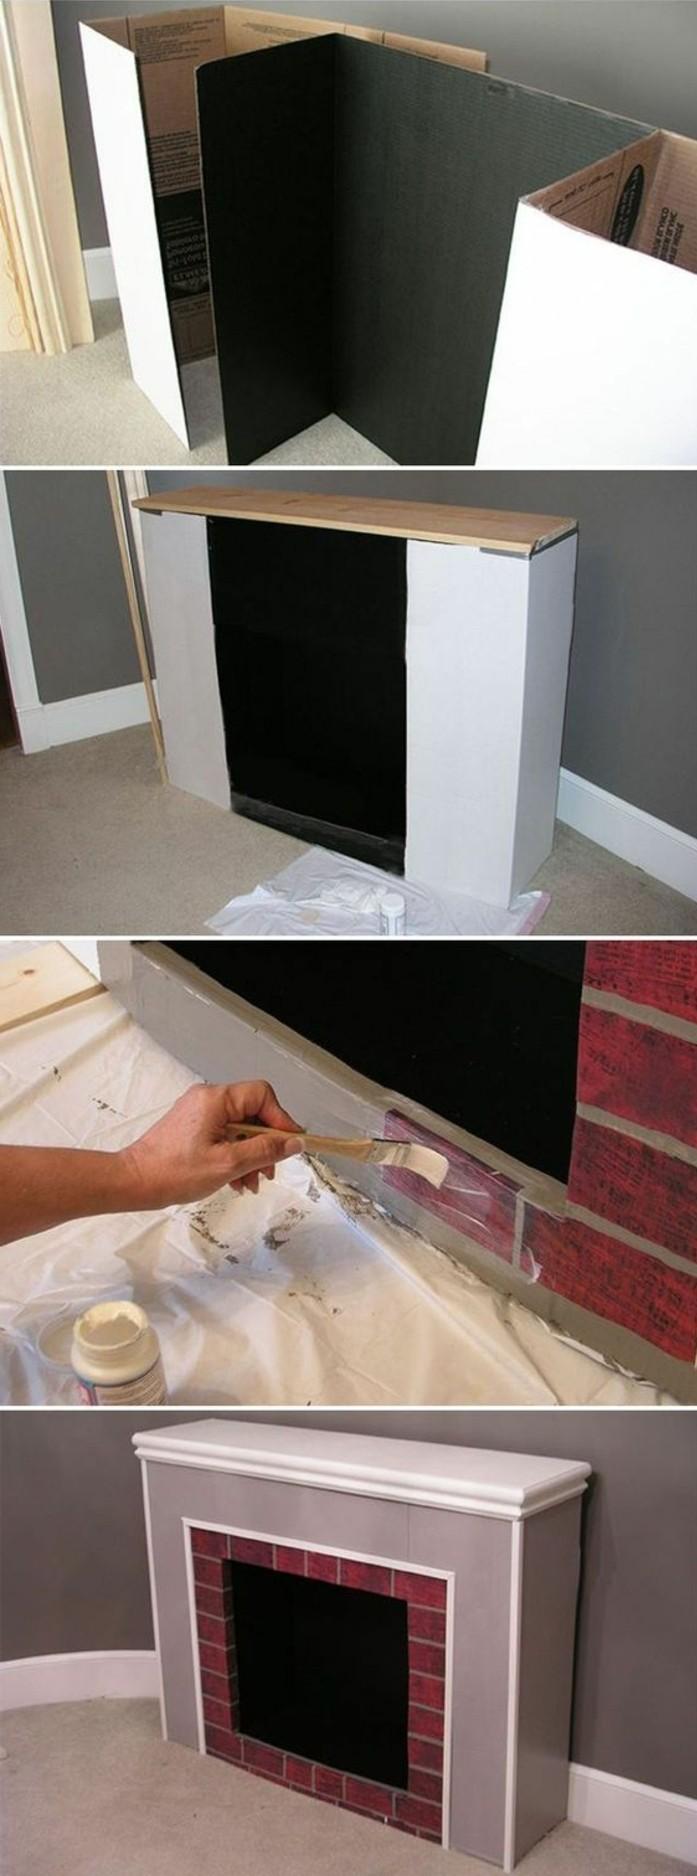 fausse chemin e d corative en bois fashion designs. Black Bedroom Furniture Sets. Home Design Ideas